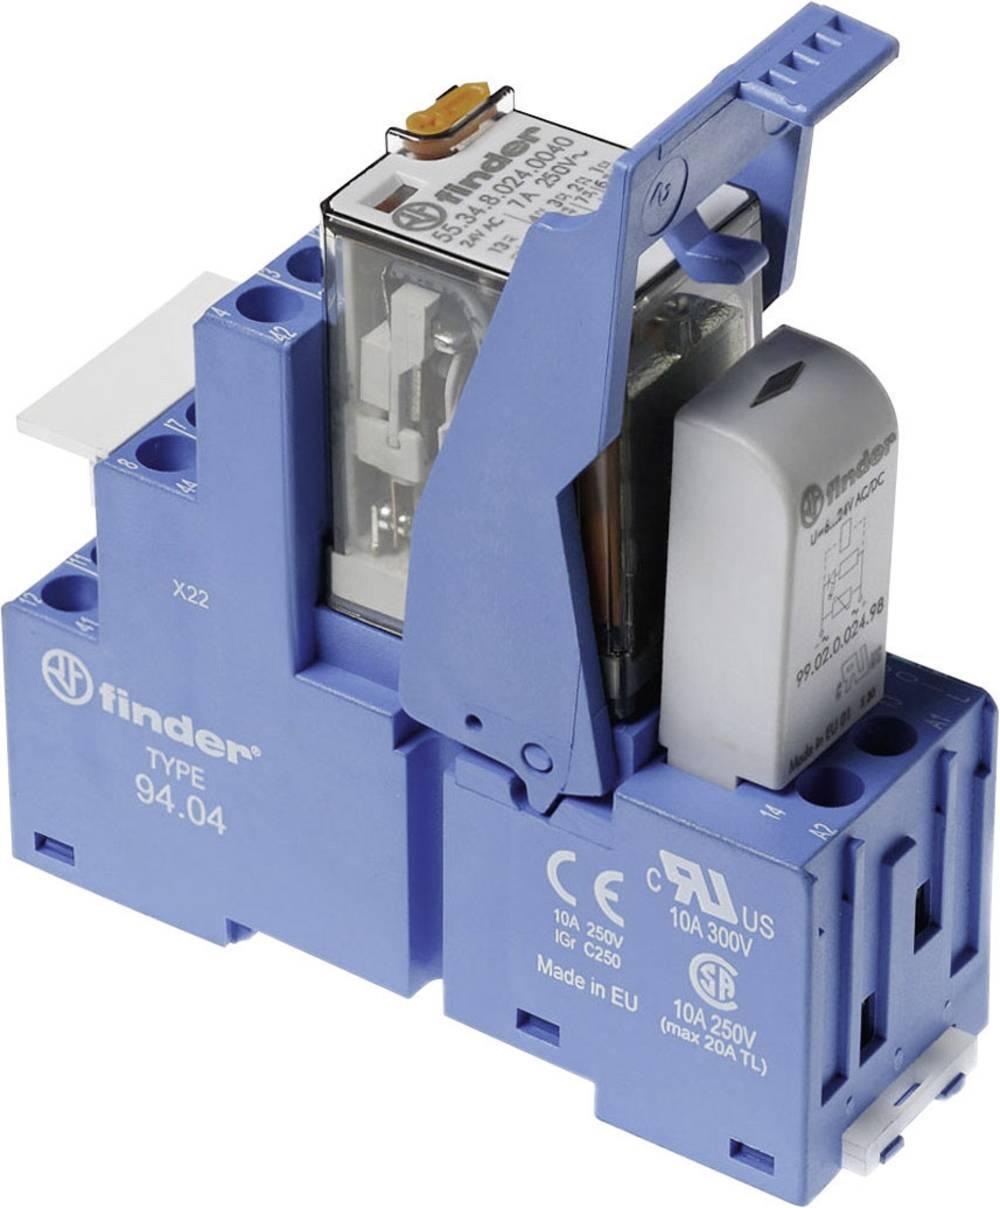 Relækomponent 1 stk Finder 58.34.8.012.0060 Nominel spænding: 12 V/AC Brydestrøm (max.): 7 A 4 x omskifter